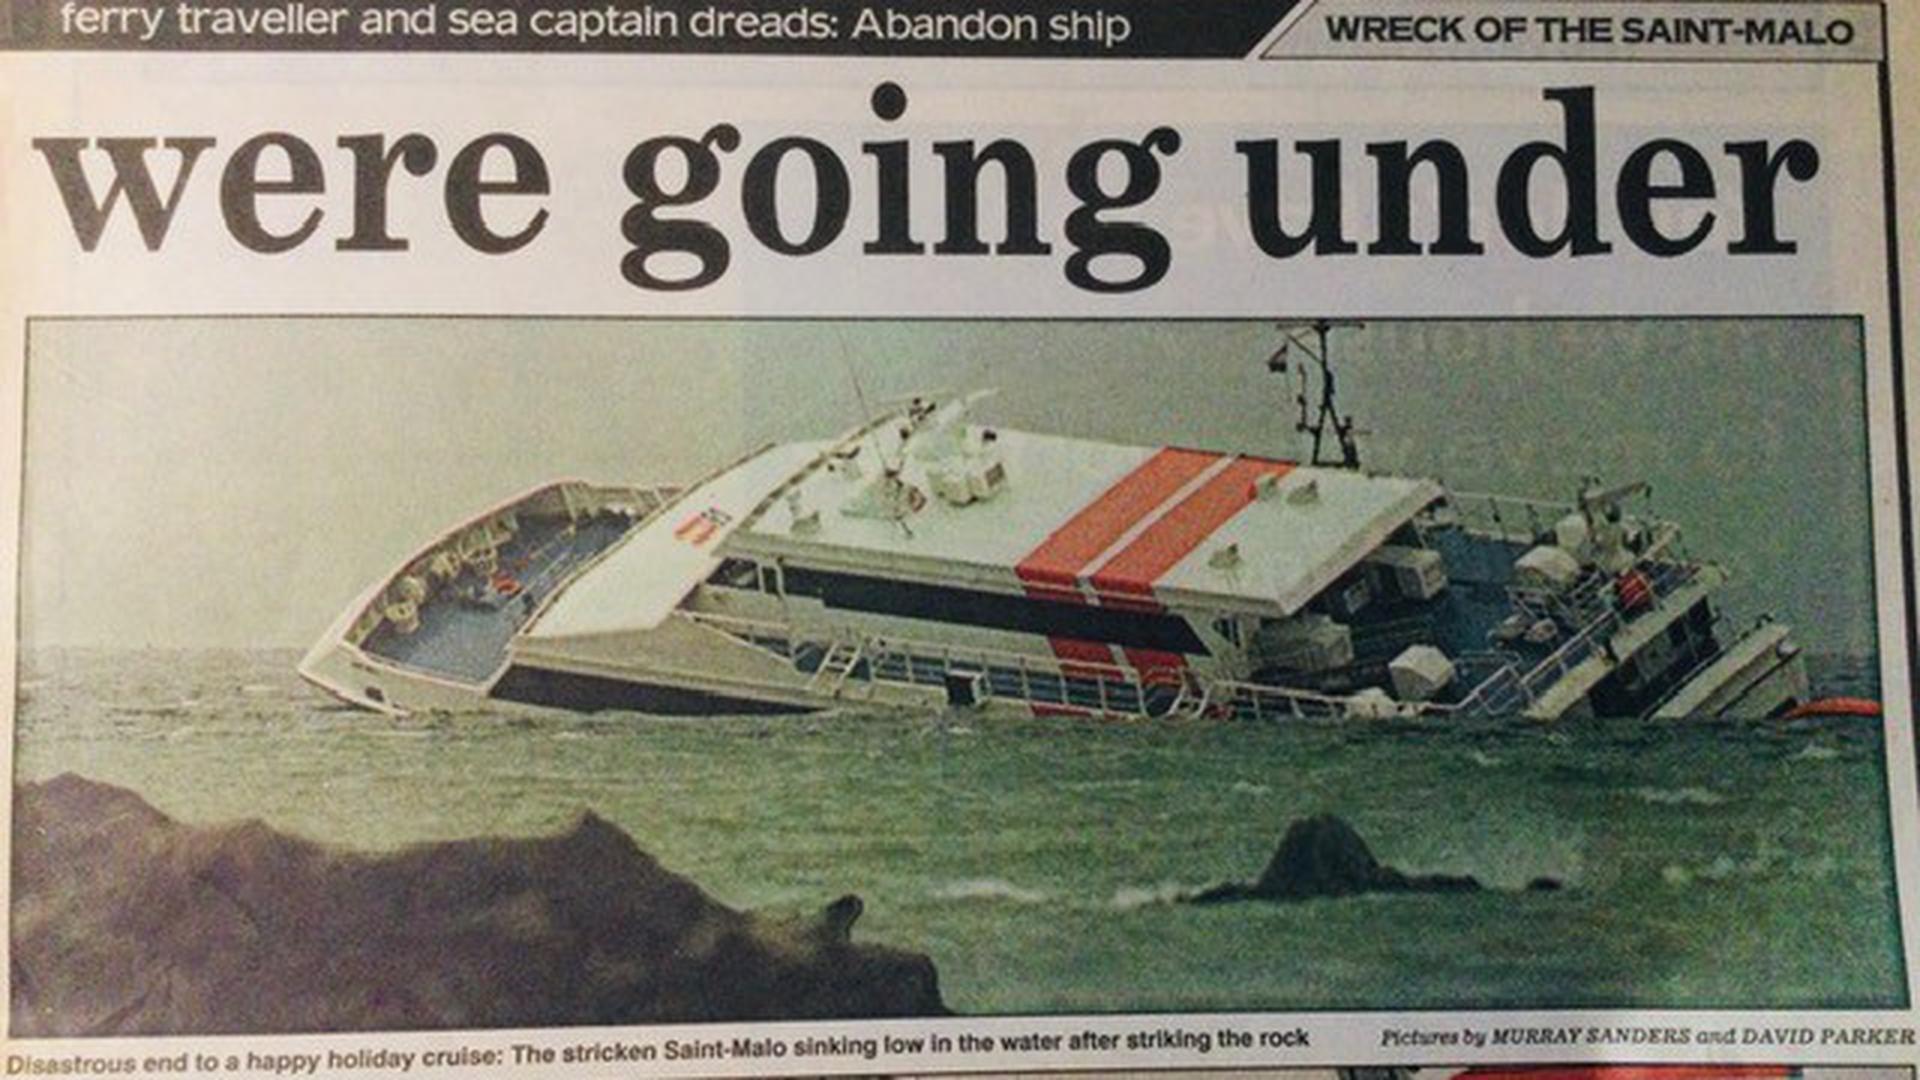 Gefährliche Überfahrt: Ein Zeitungsausschnitt erinnert an das schwere Bootsunglück, das die Familie Gallon bei den Kanalinseln erlebte.